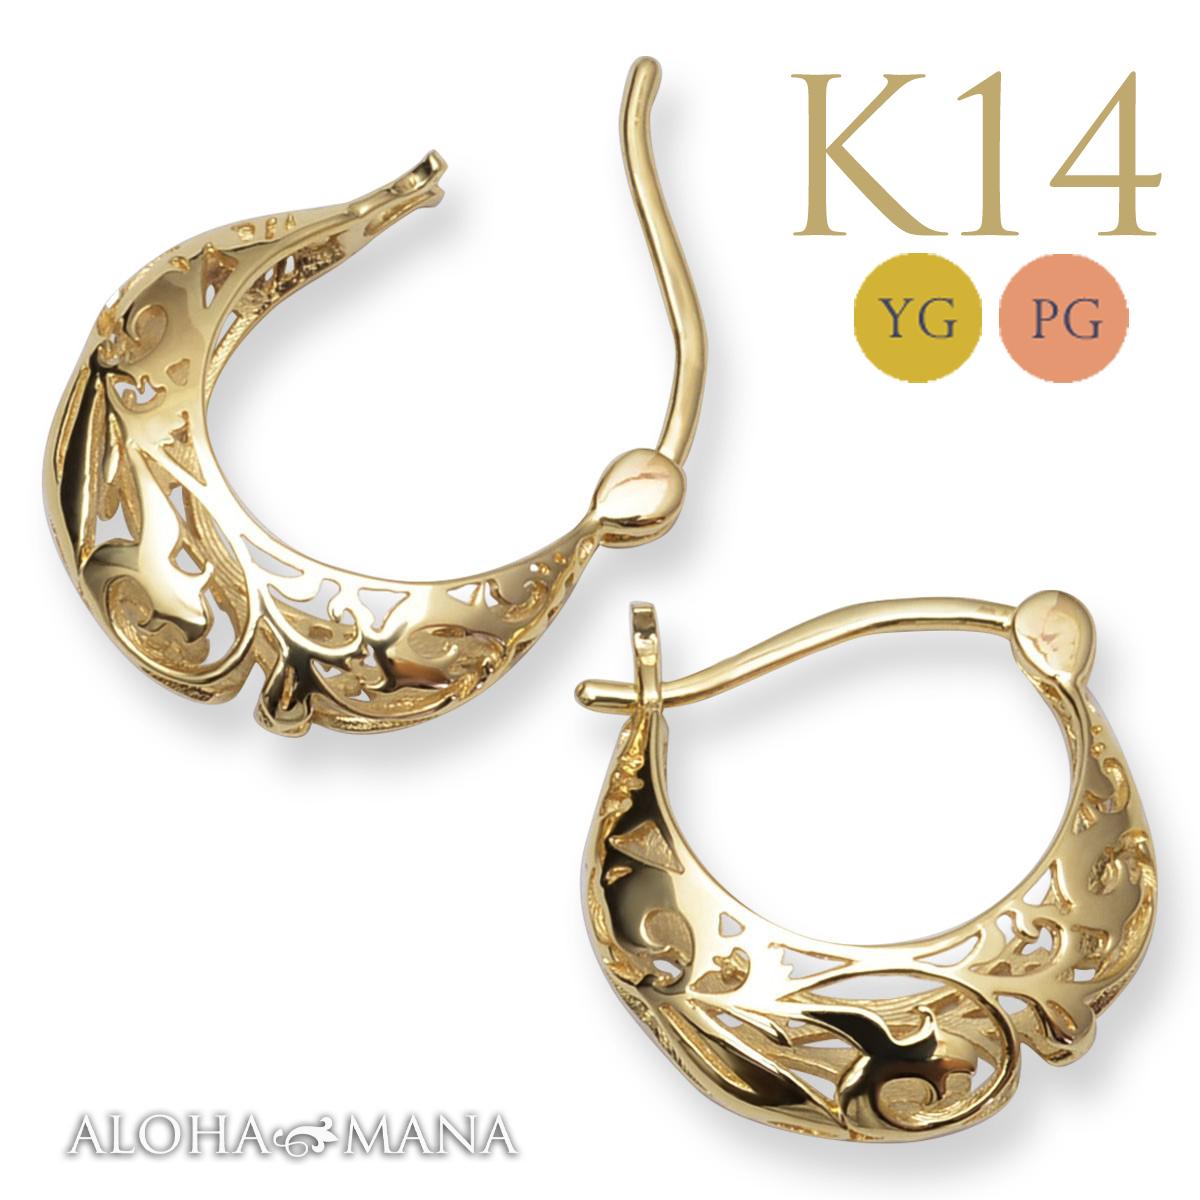 ハワイアンジュエリー【K14 14金 ゴールド】 ピアス 透かしフープ ゴールドピアス aer1638g